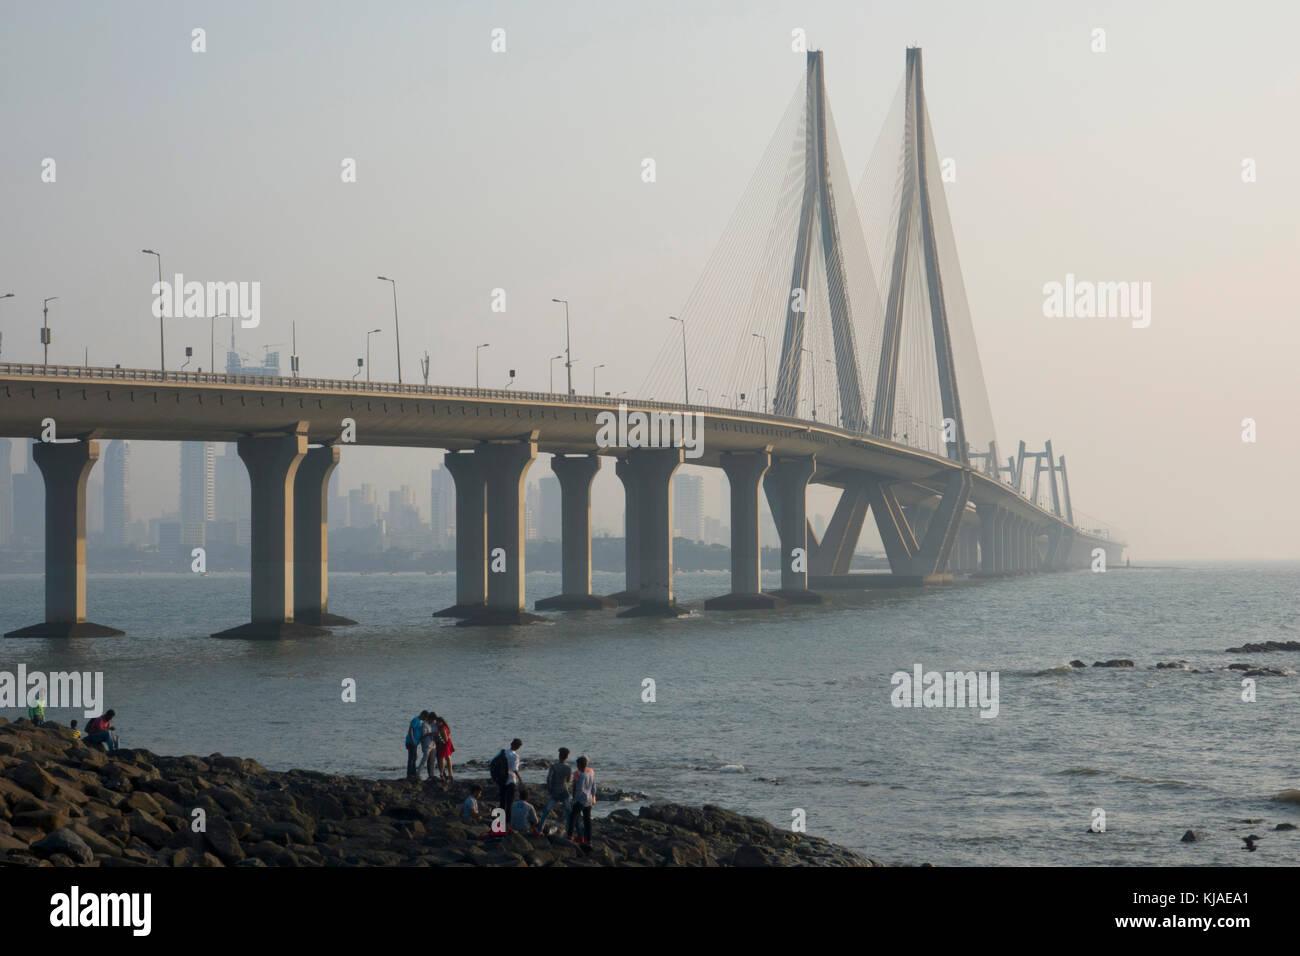 Rajiv Gandhi enlace marítimo puente entre bandra y worli, Mumbai Imagen De Stock